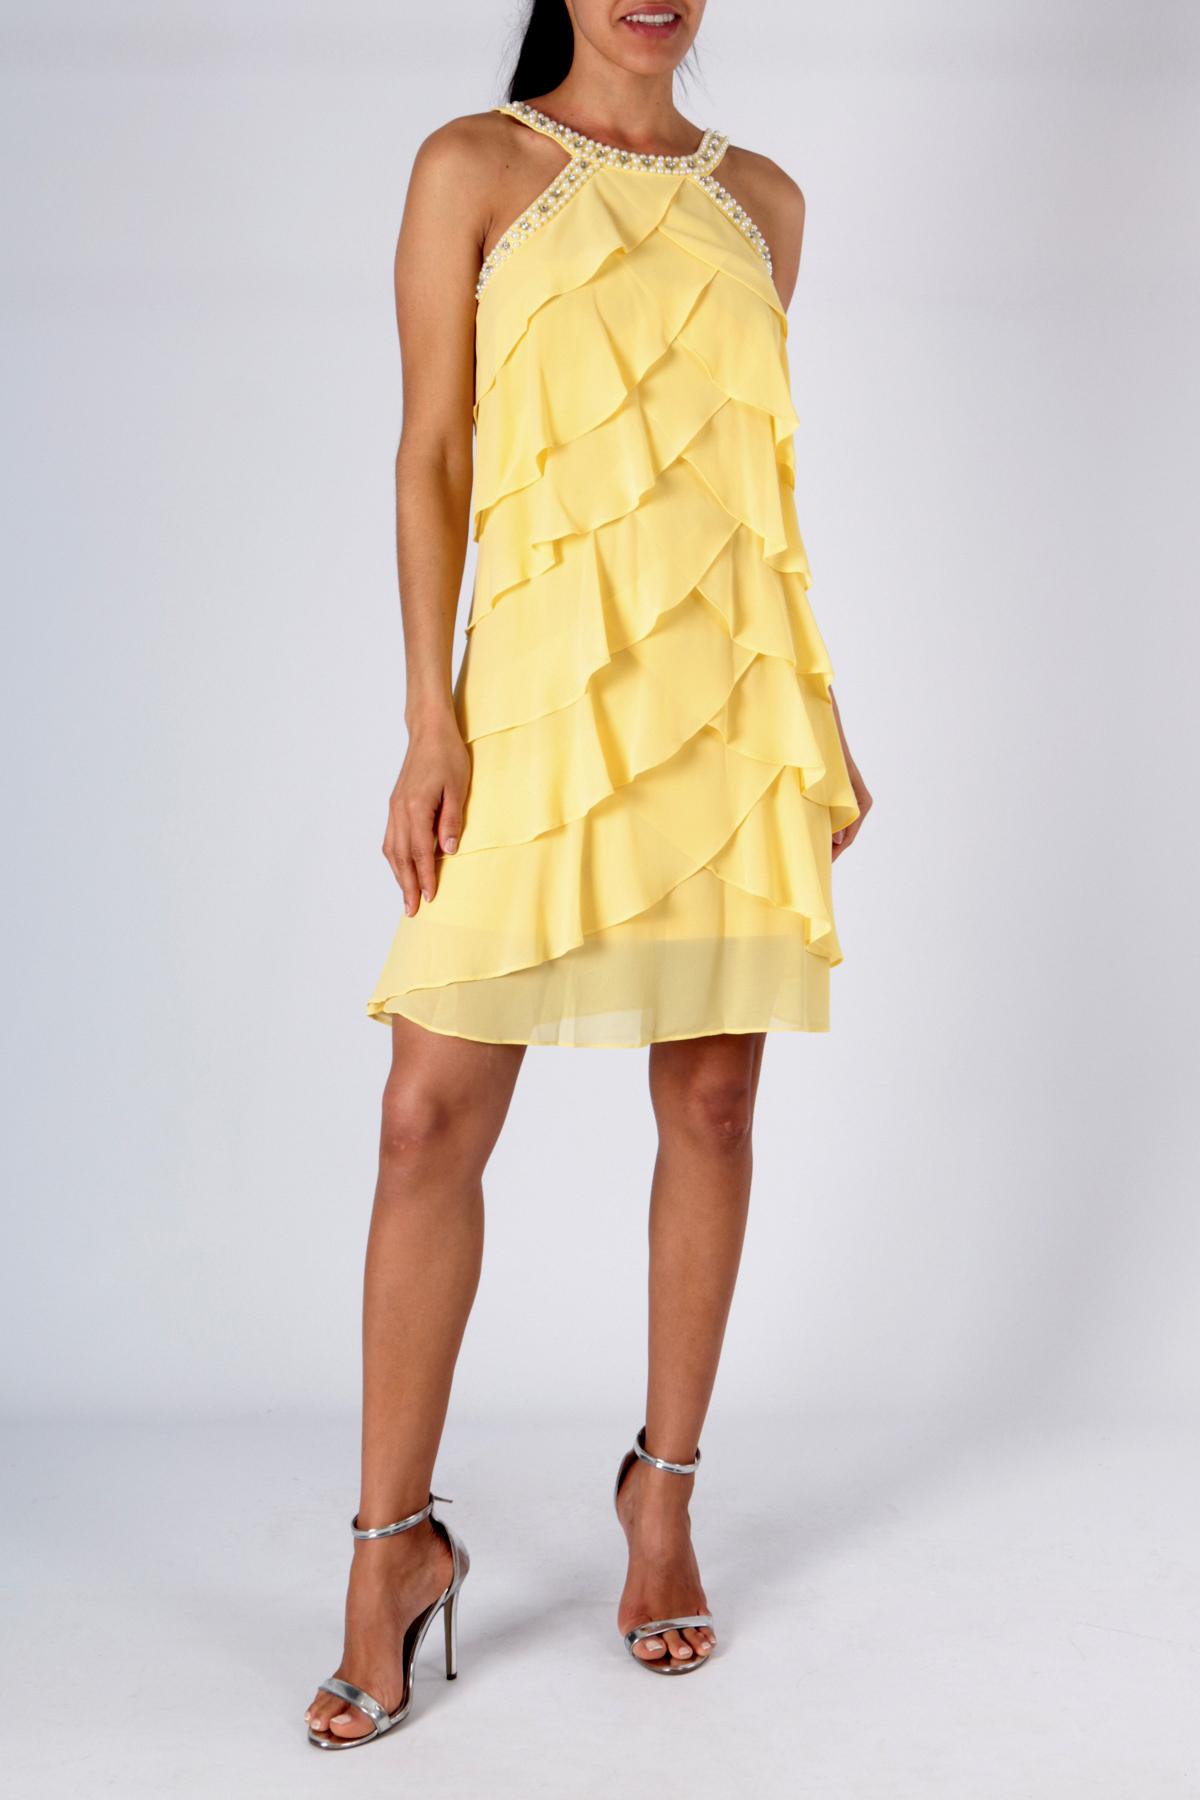 aa5a82f1244 Luxusní společenské dámské šaty krátké 3308350-7 žlutá S M L XL